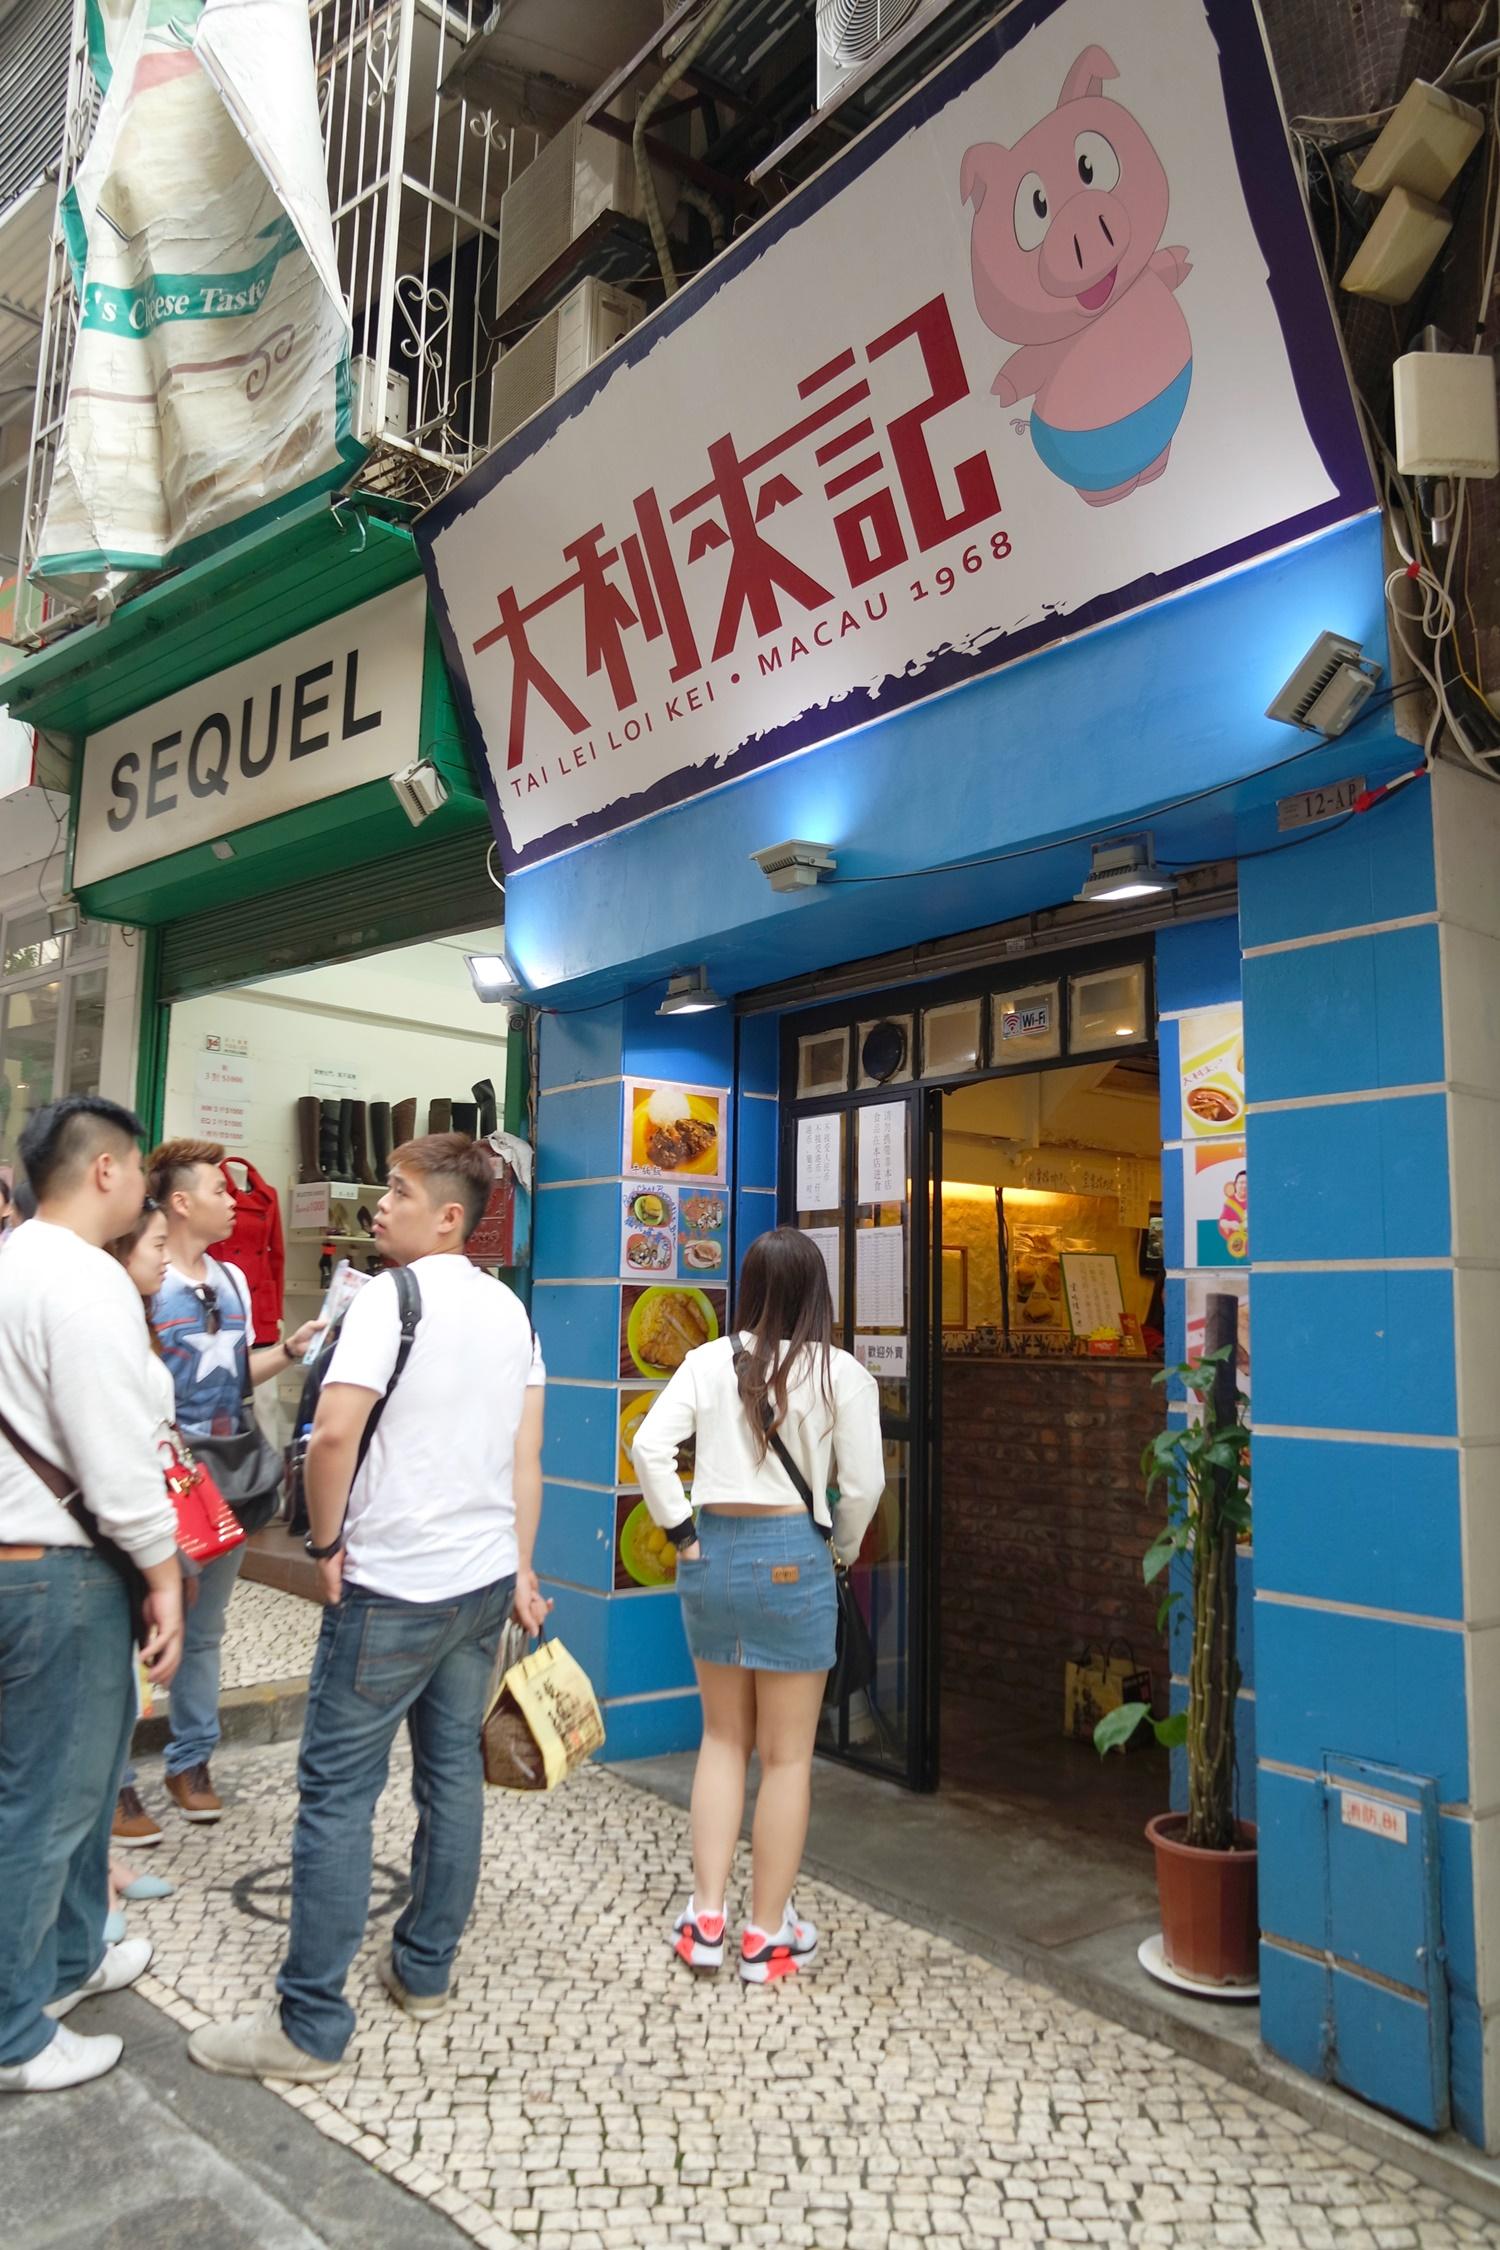 Tai Lei Loi Kei - Macau Pork Chop